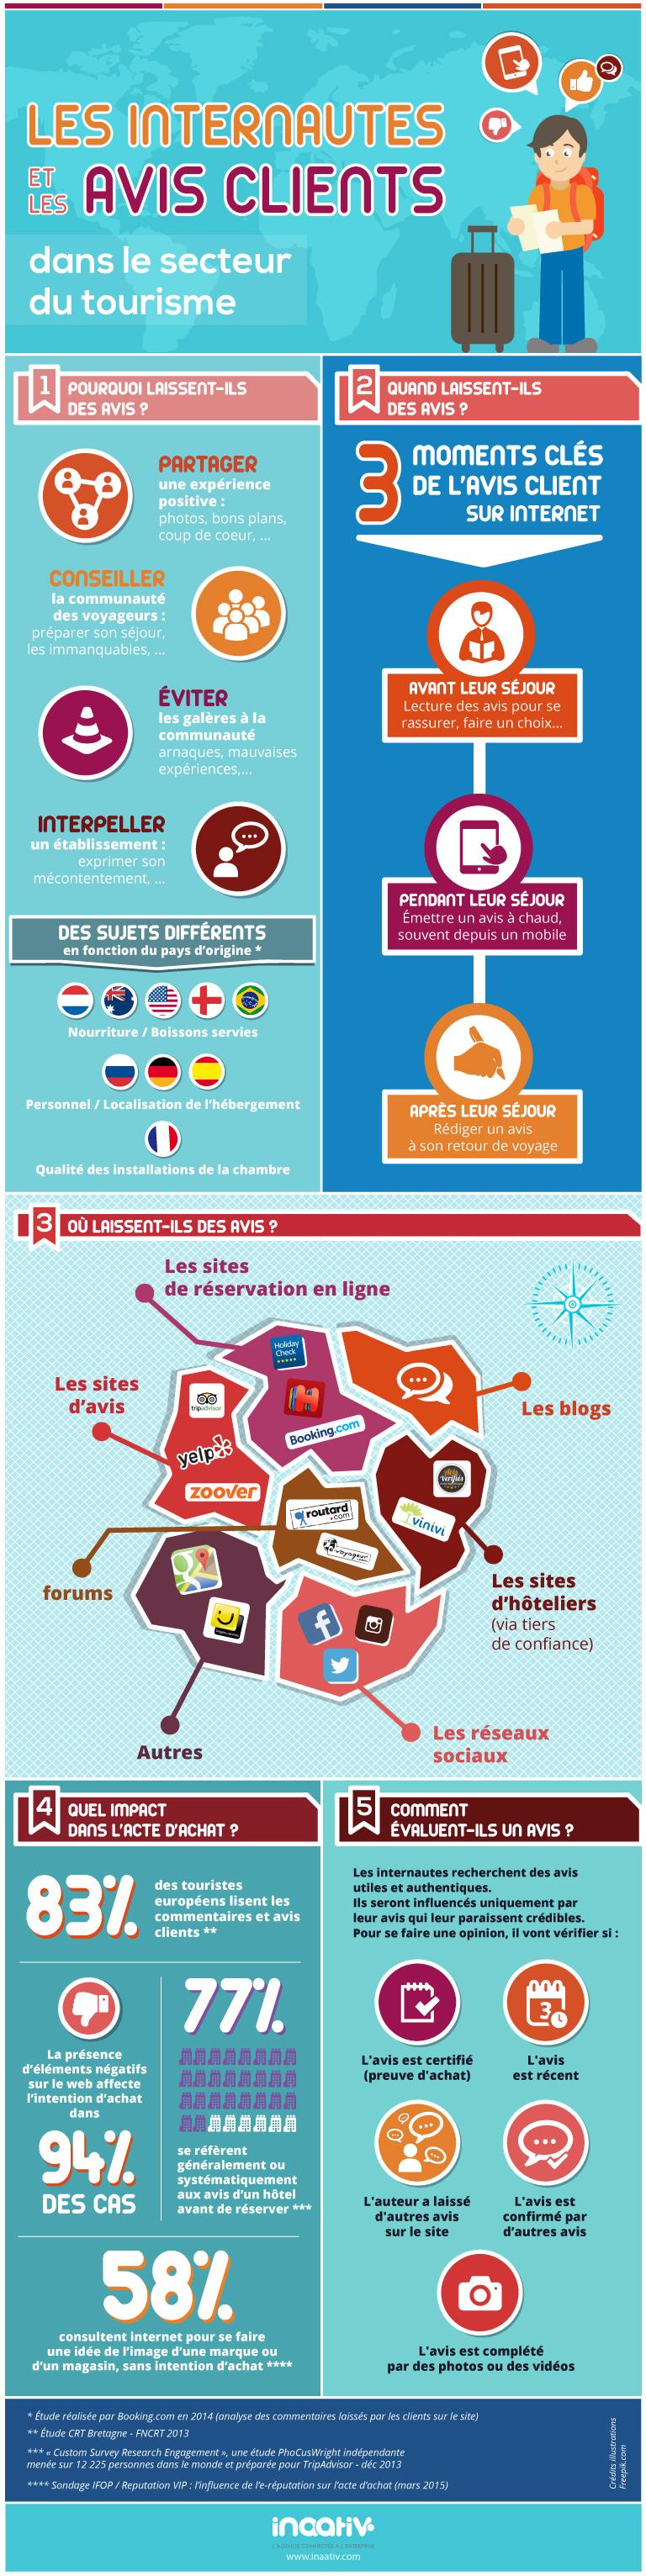 InfographieTourisme